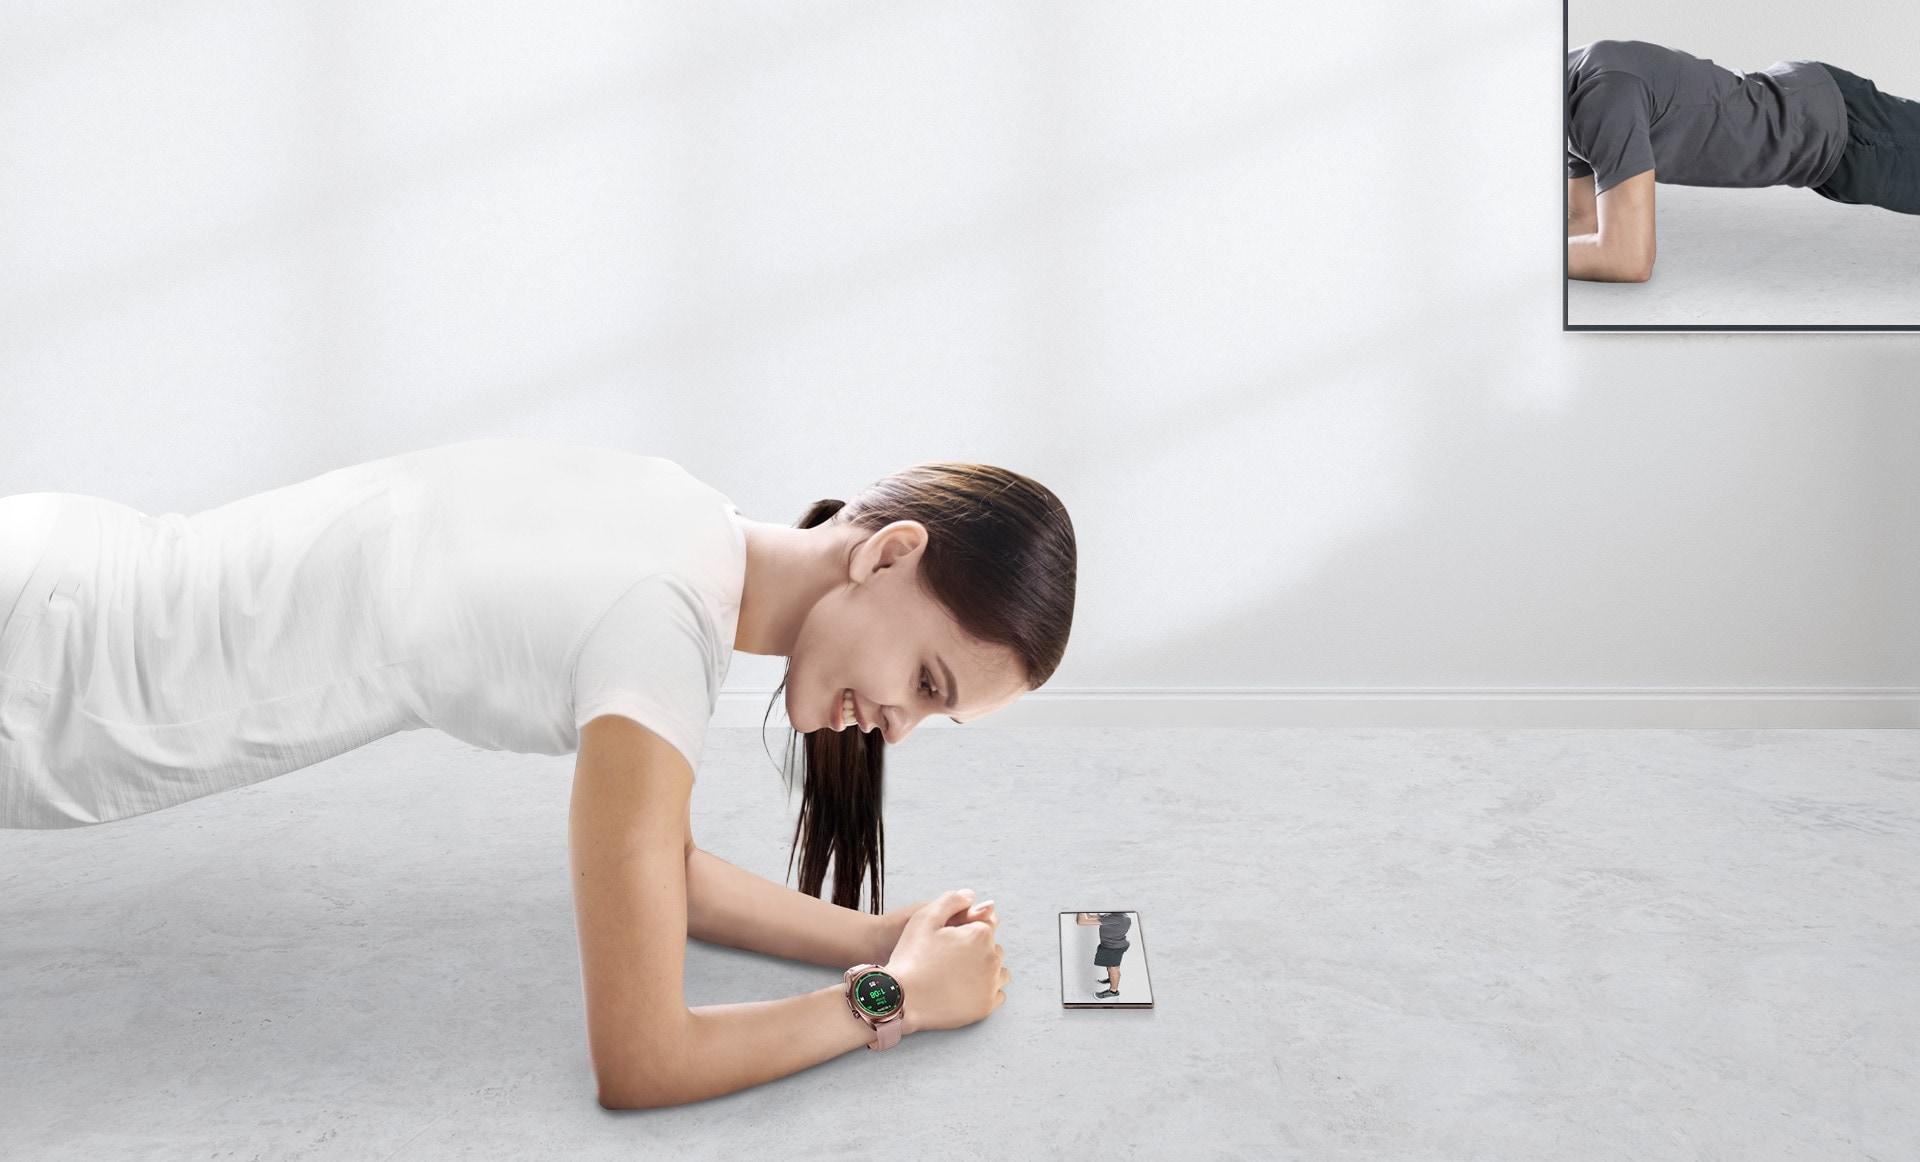 Une femme en position de planche suit un programme d'entraînement à domicile qui est diffusé depuis un smartphone Galaxy sur le téléviseur. La Galaxy Watch3 45 mm en Mystic Bronze est connectée pour mesurer sa fréquence cardiaque.